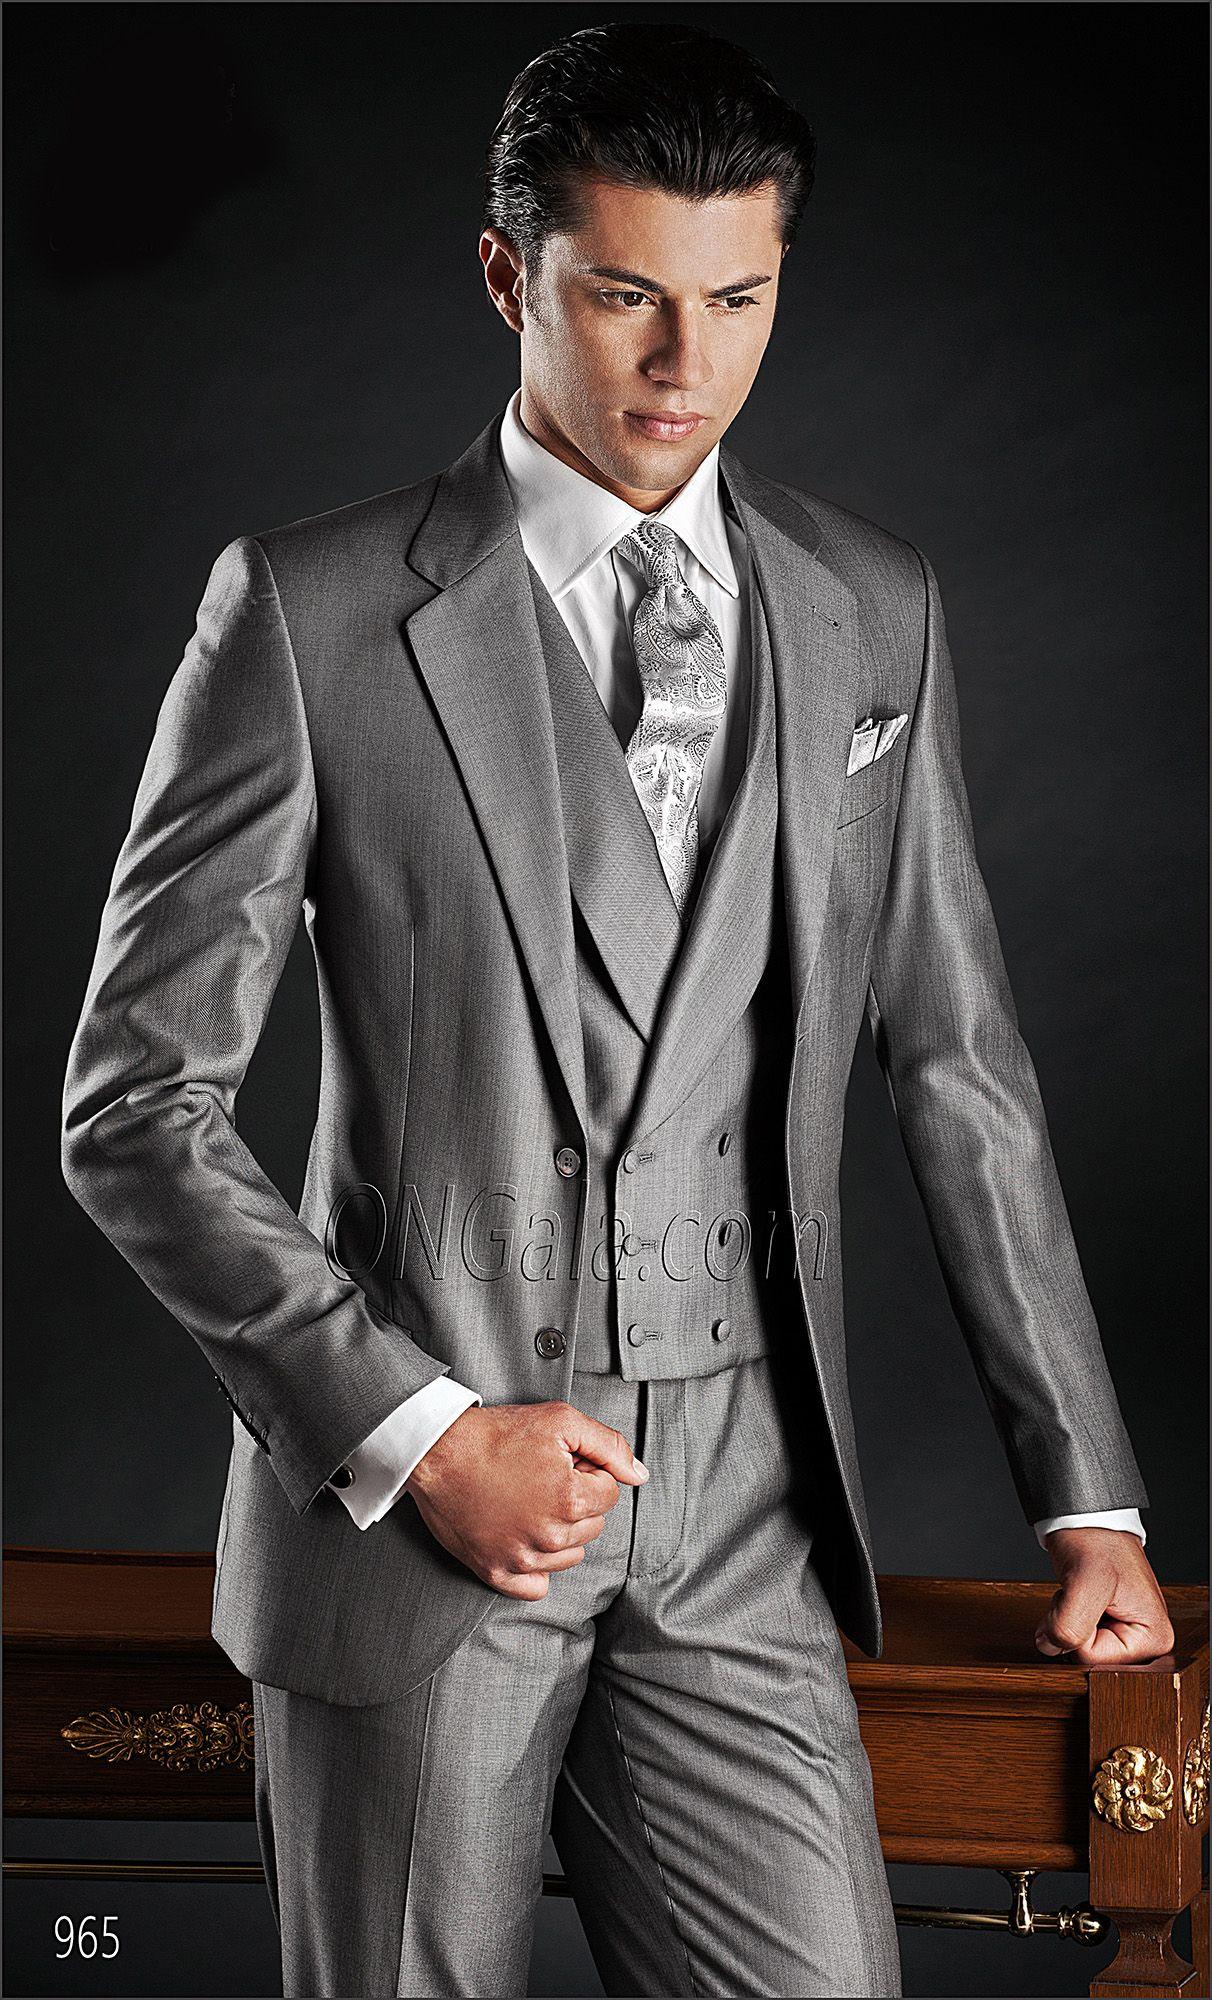 Gilet Uomo Matrimonio : Abito da cerimonia uomo in lana seta grigia con gilet